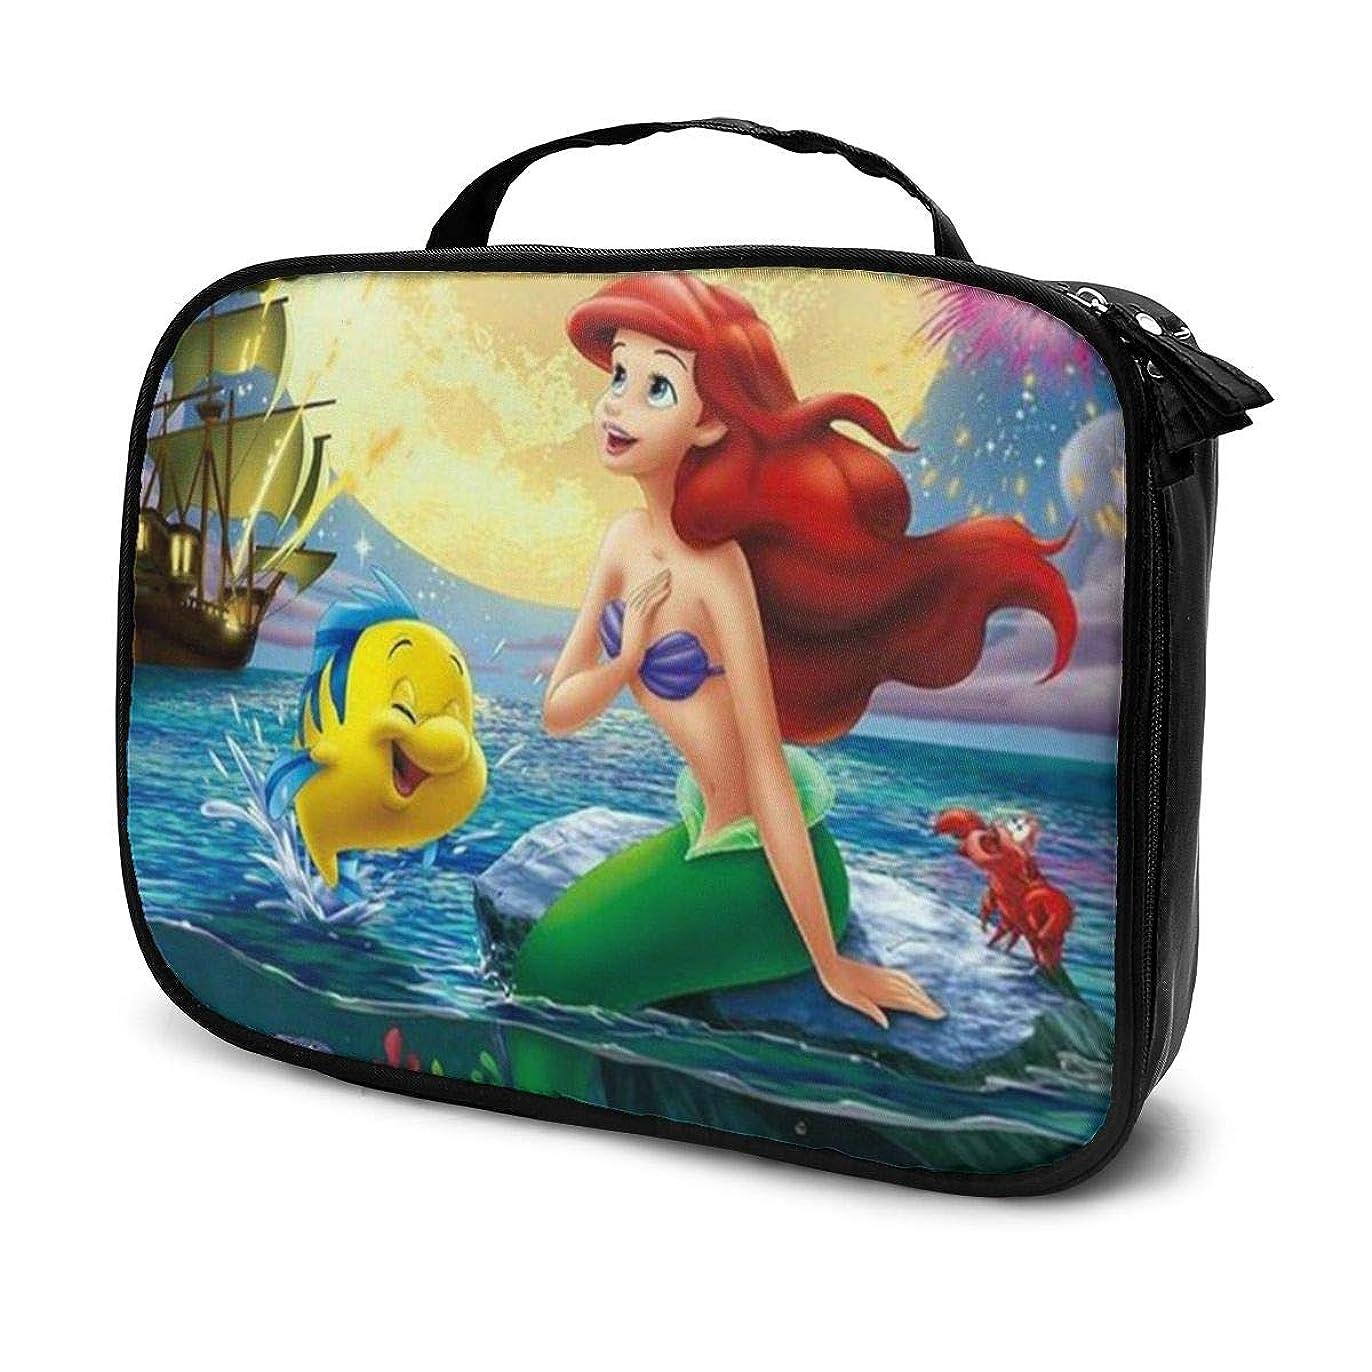 サーキュレーション贅沢代数Daitu美人魚姫 化粧品袋の女性旅行バッグ収納大容量防水アクセサリー旅行